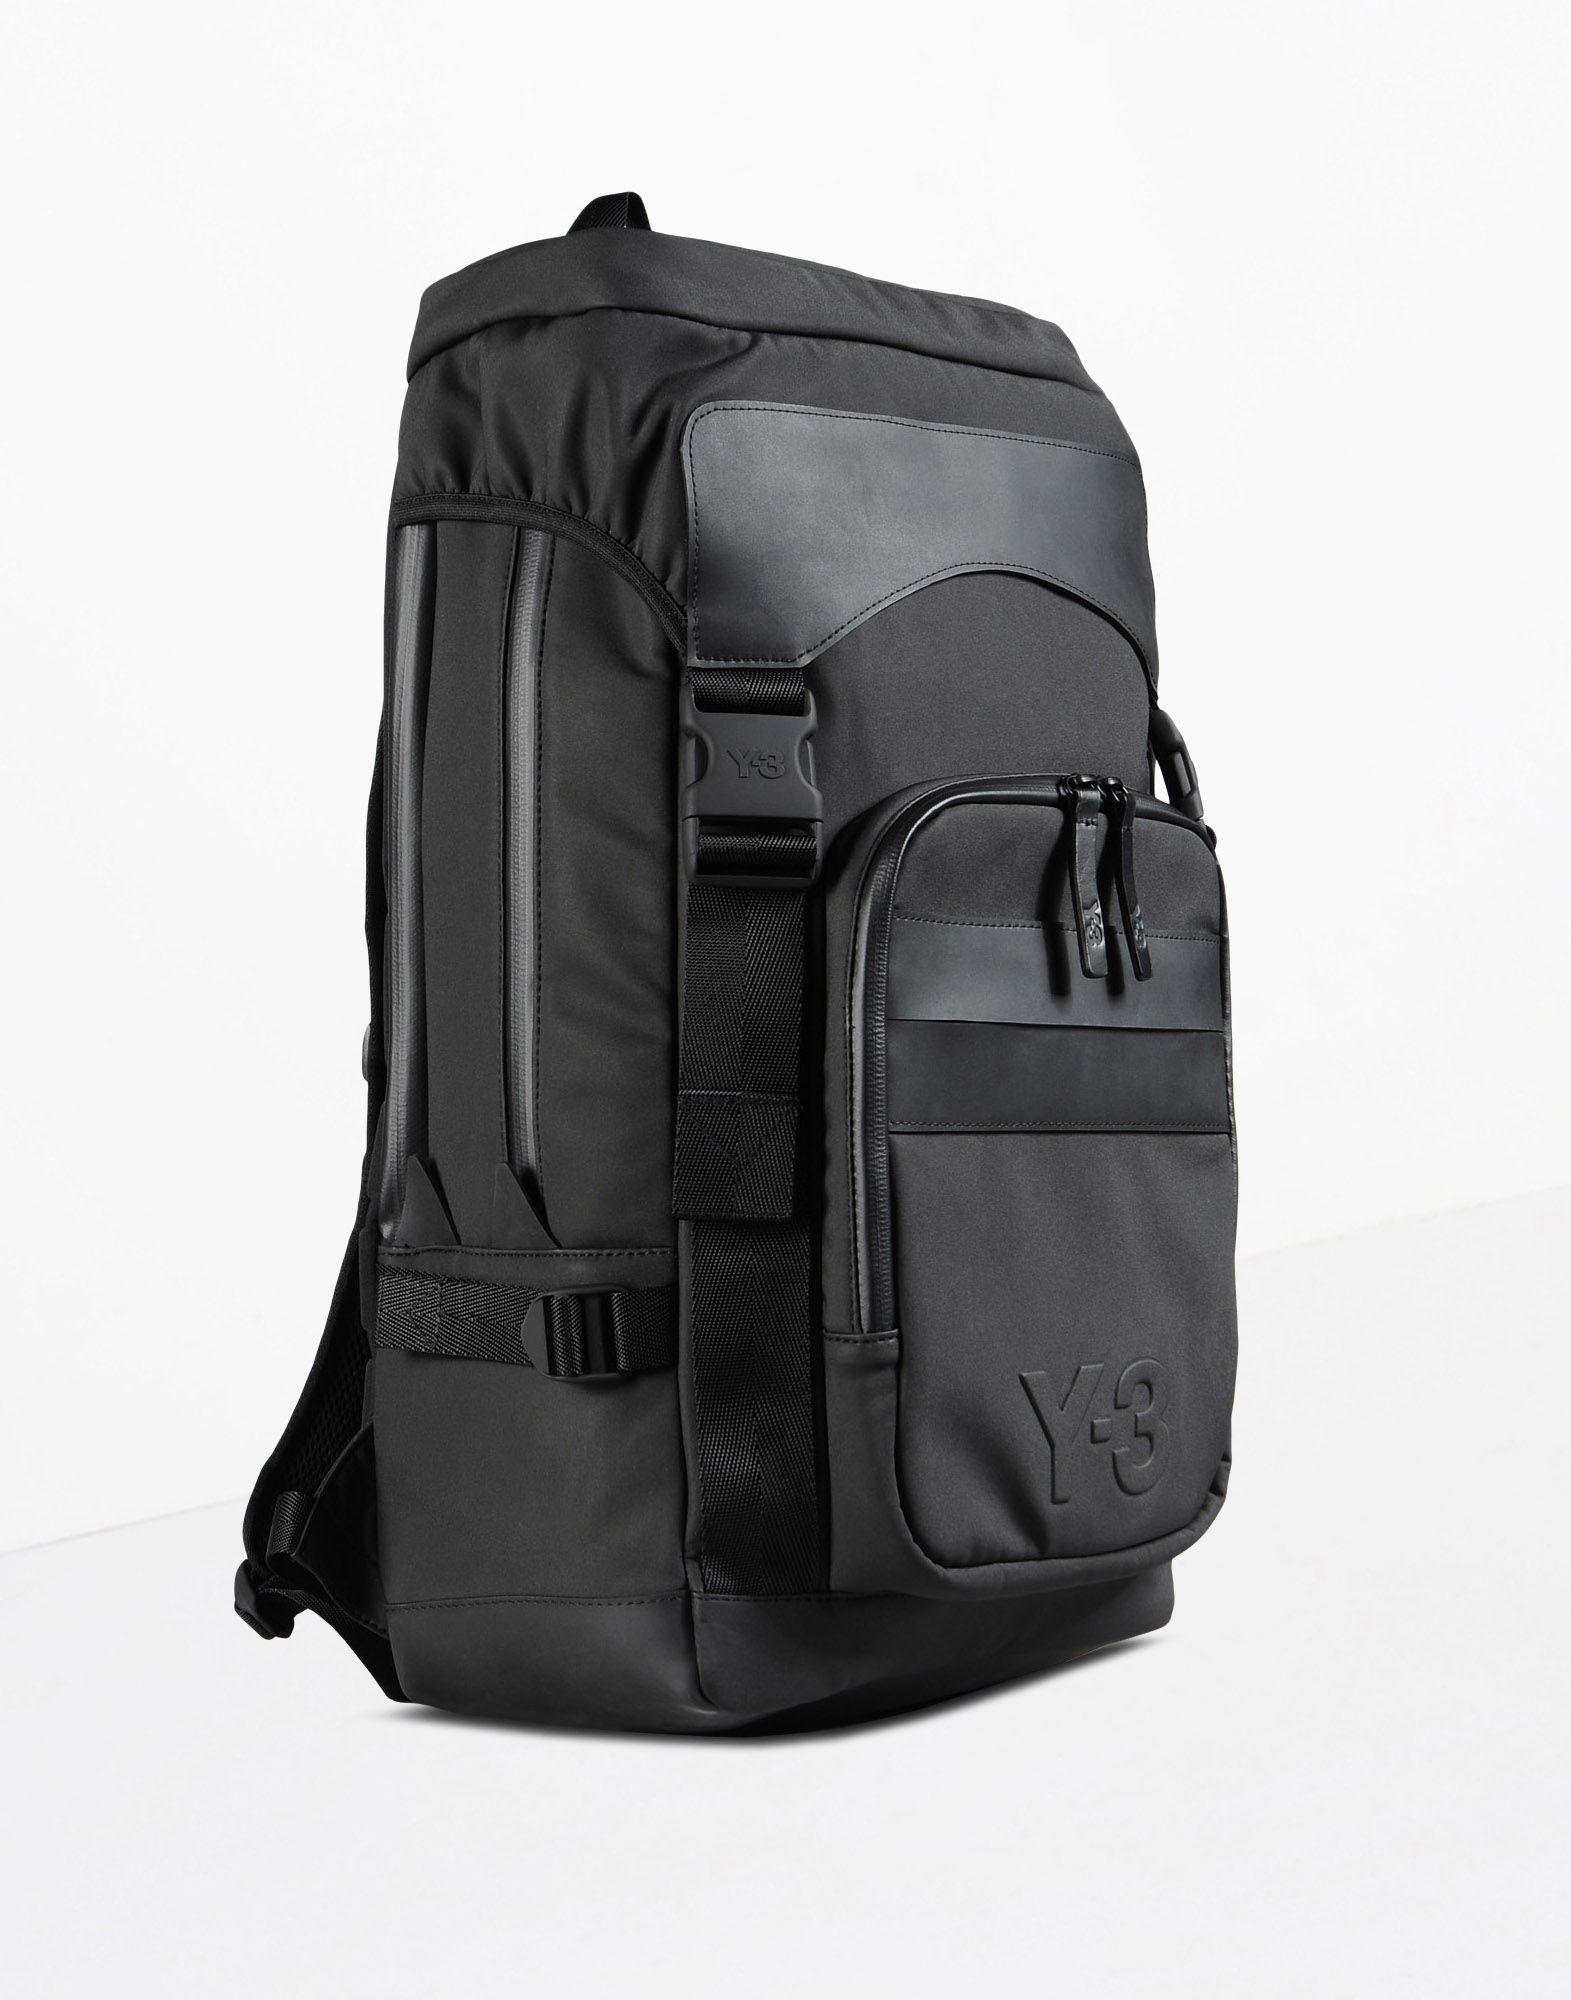 29ab139fd64 Y-3 ULTRATECH BACKPACK HANDBAGS unisex Y-3 adidas   Bags   Backpacks ...